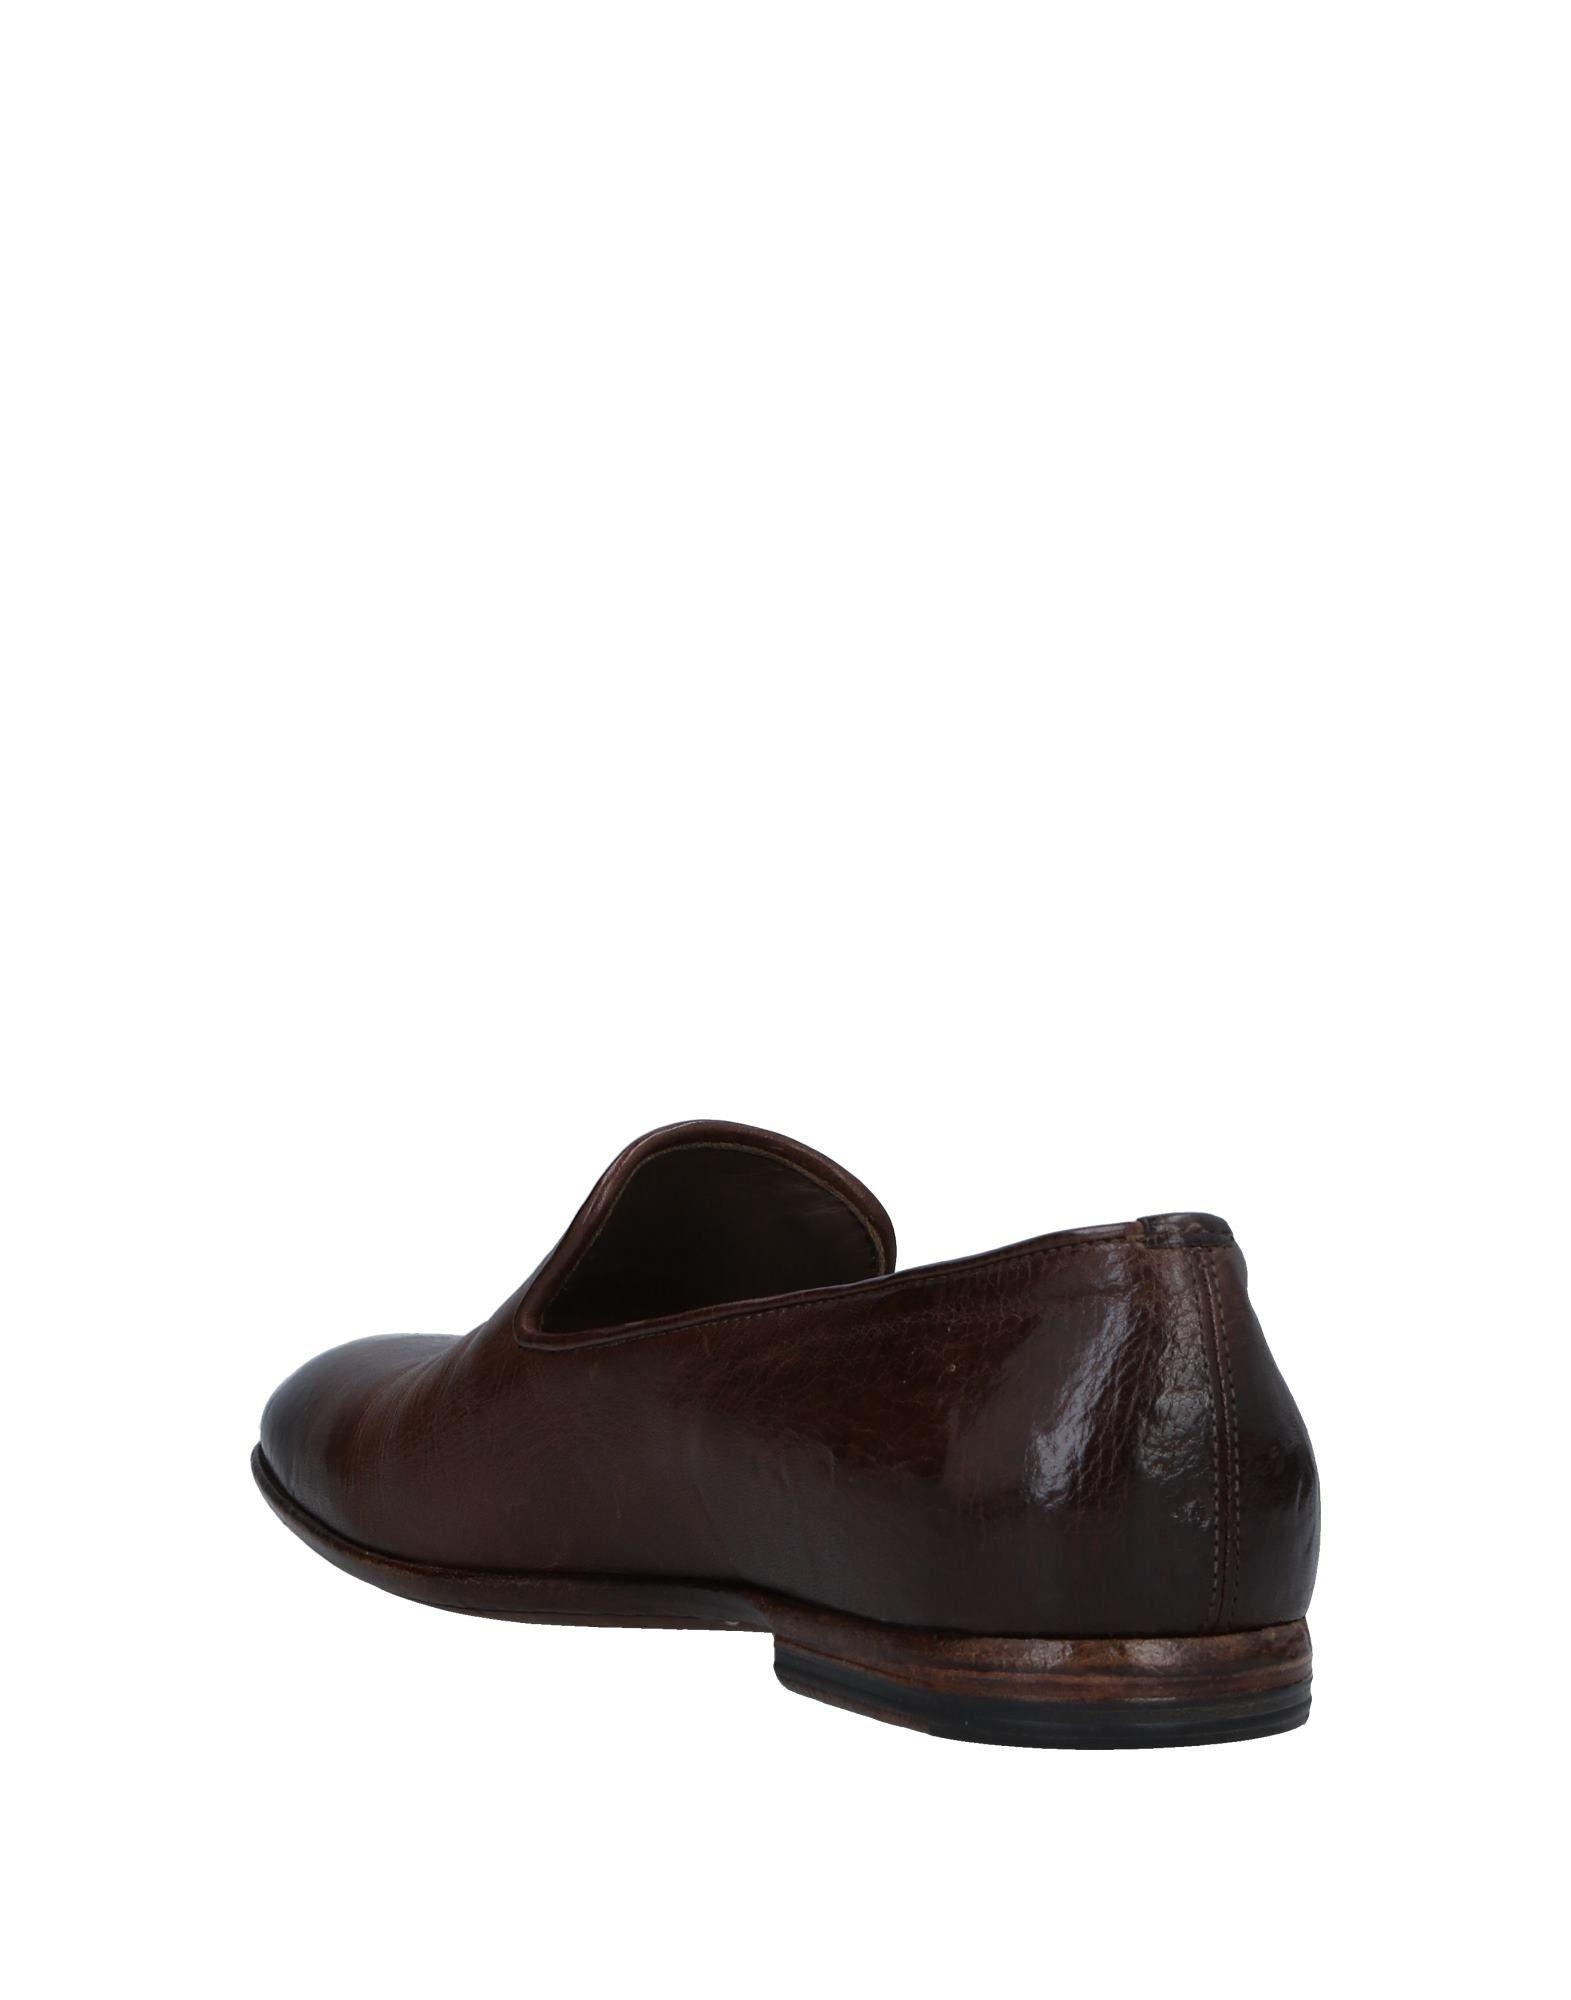 Alexander Mcqueen Mokassins Herren  11534196SH Gute Qualität beliebte Schuhe